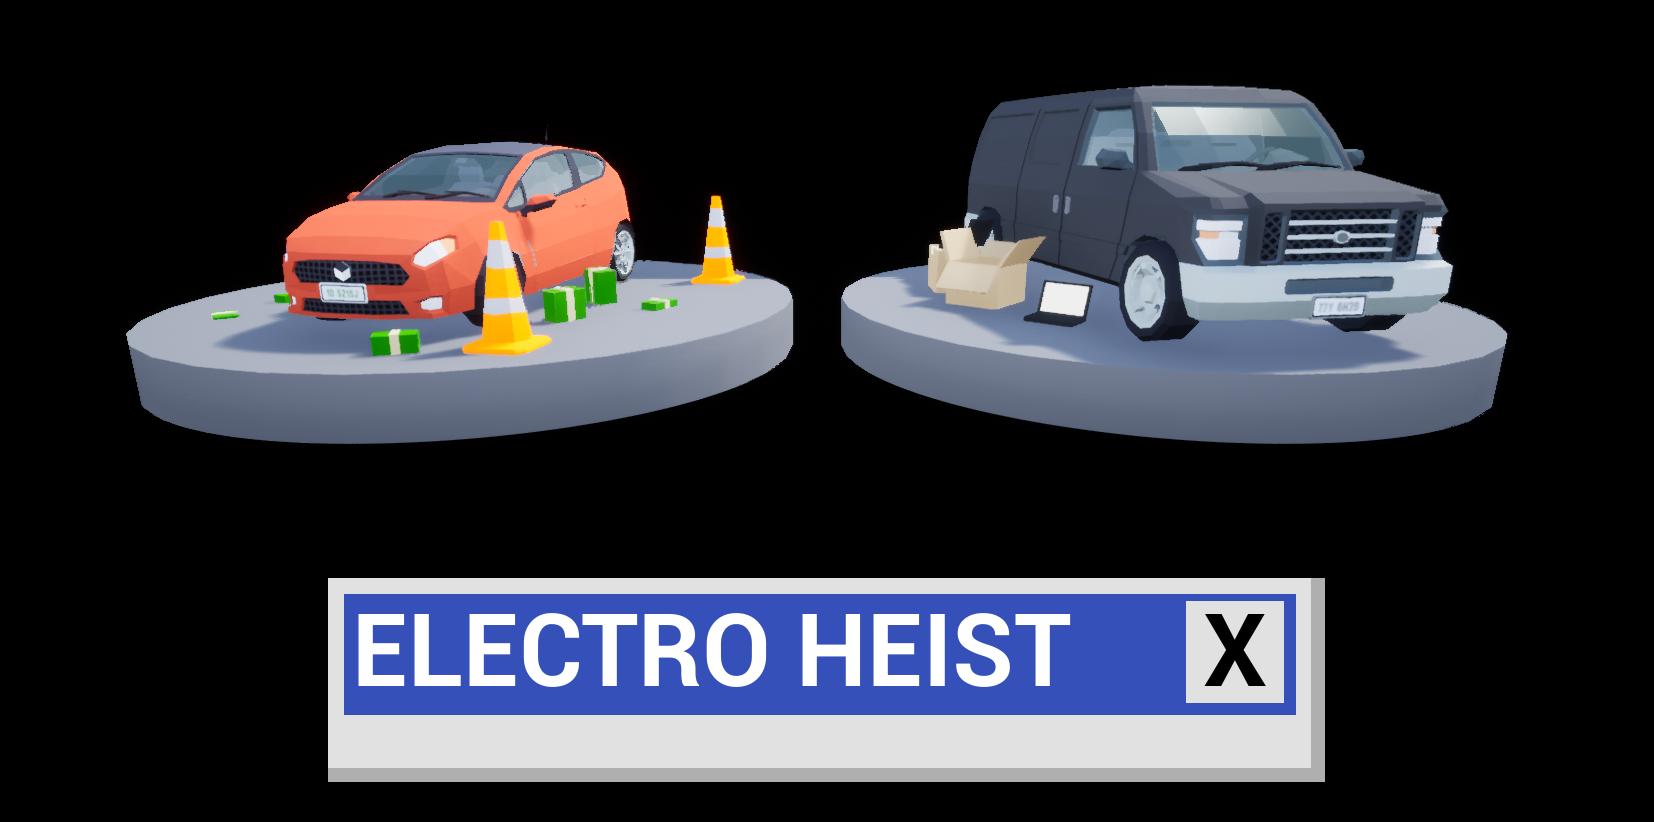 Electro Heist